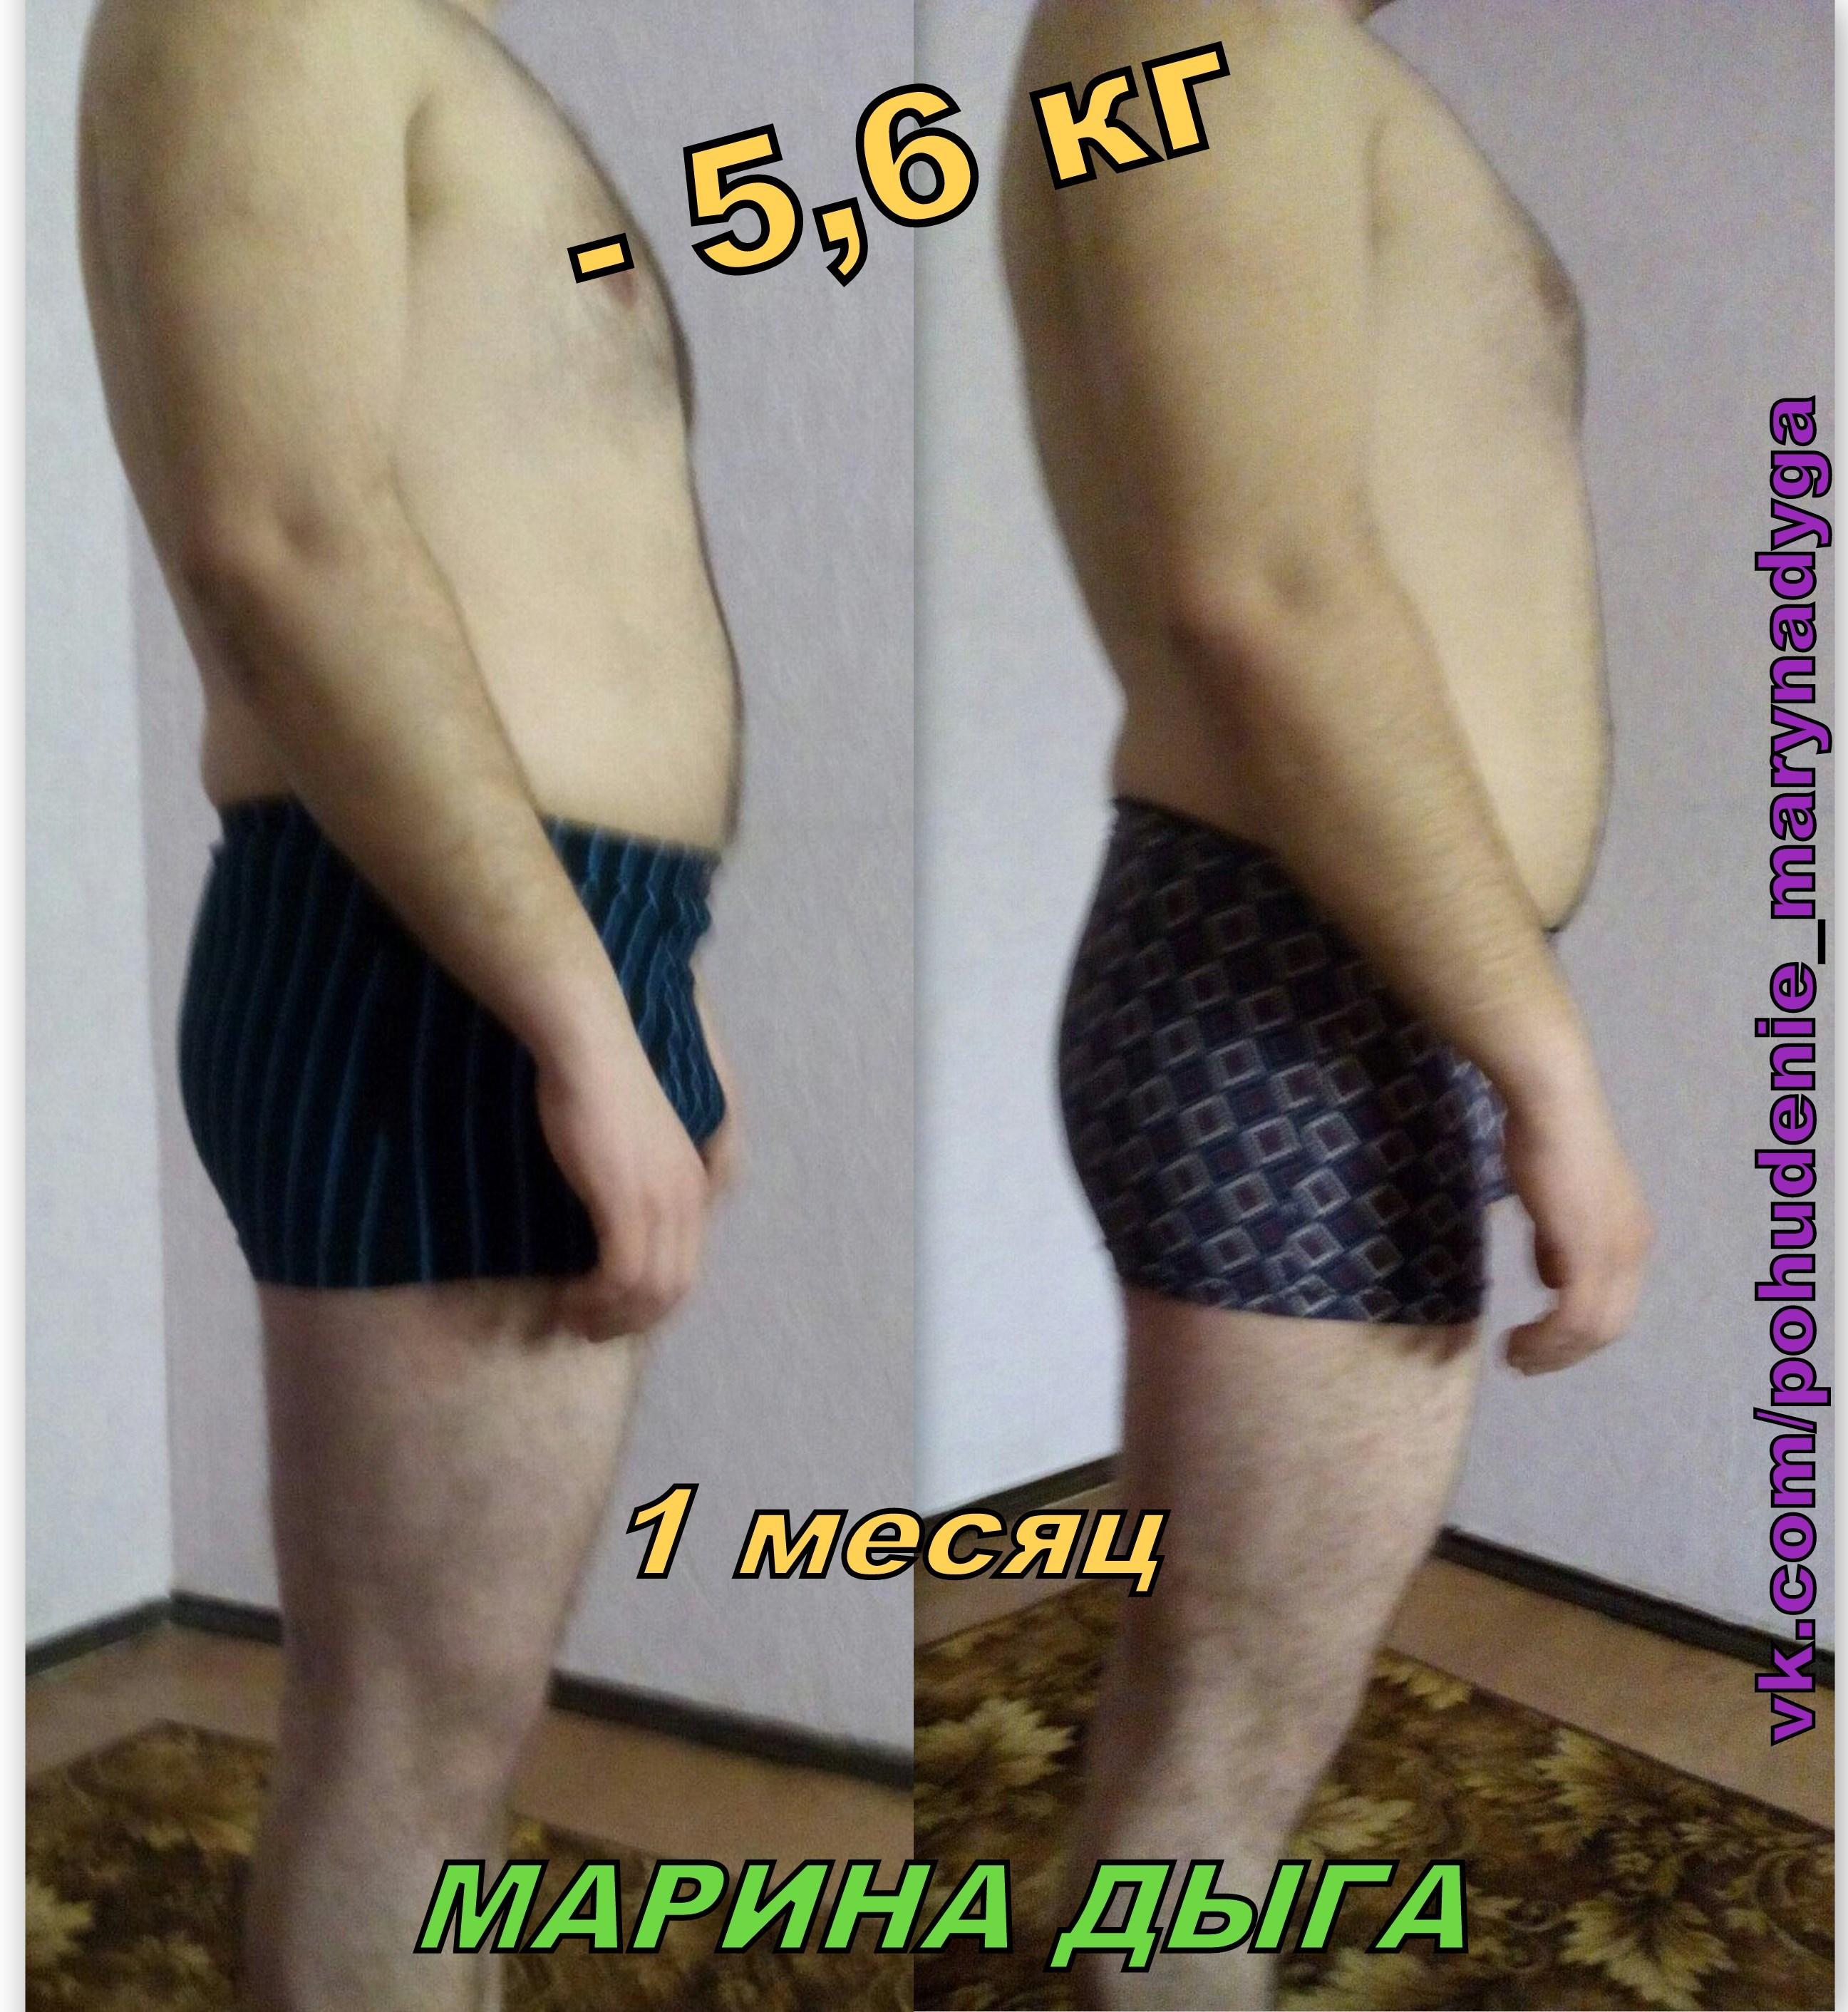 """Фото 1 месяц программы """"Супер бюджетная"""" Вес: 88 кг (93,6 кг) -5,6 кг Обхват грудей: 110 см (118 см) -8 см Живот: 101 см (109 см) -8 см"""